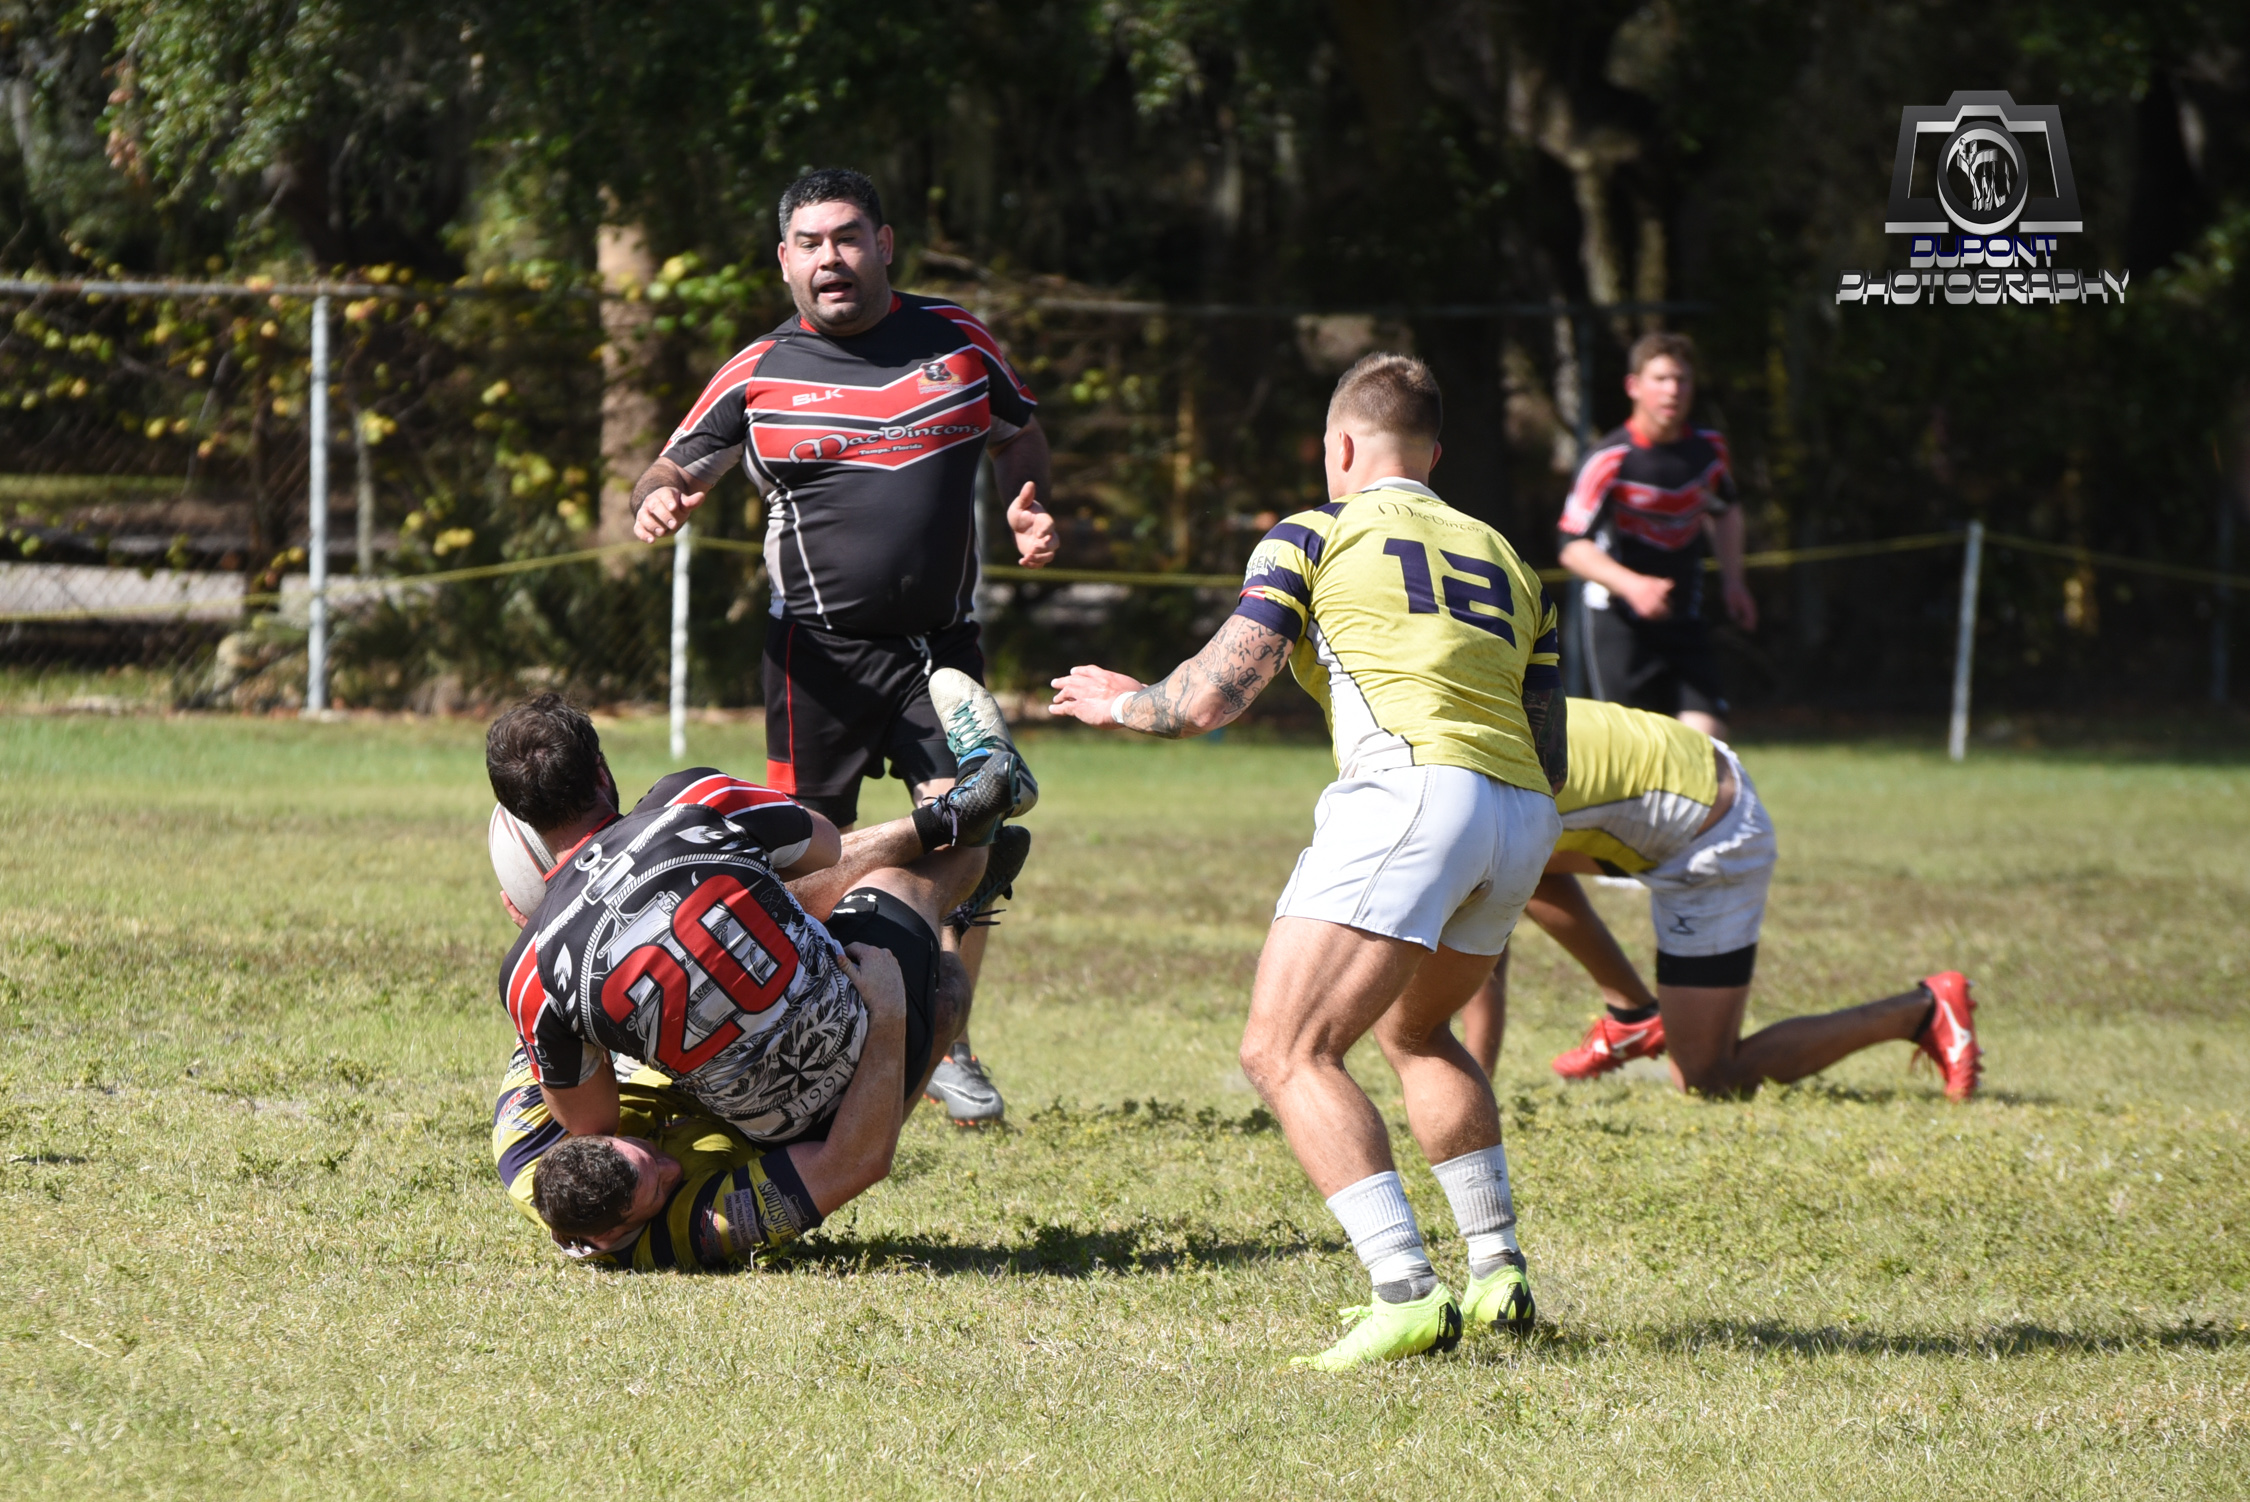 2019-01-19 Rugby-695-1.jpg